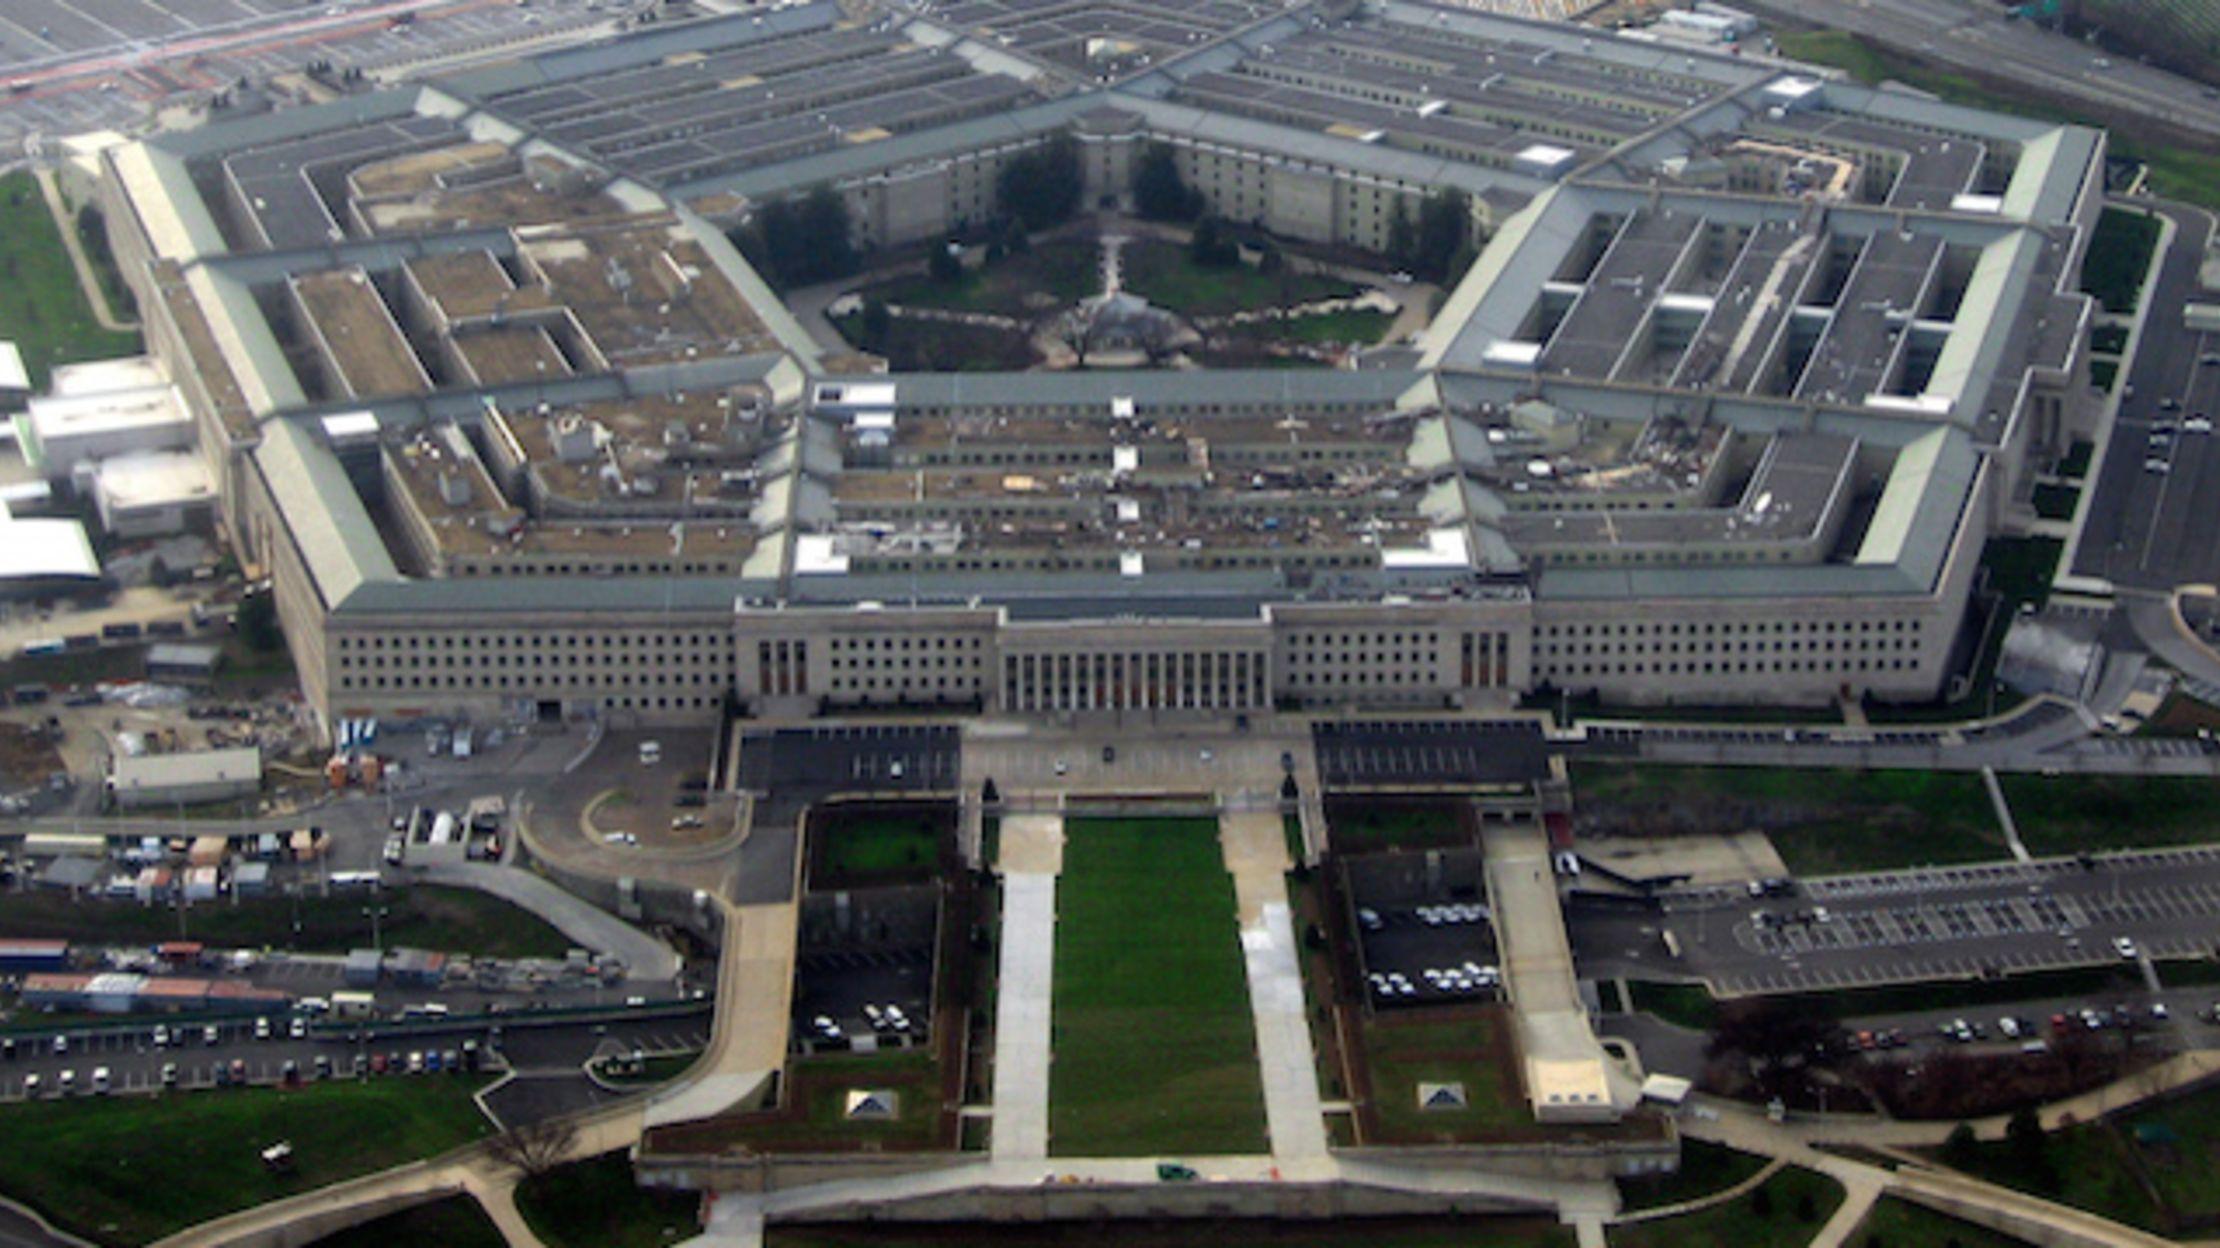 پنتاگون نزدیک به ۳ هزار نظامی خود را راهی قرنطینه کرد